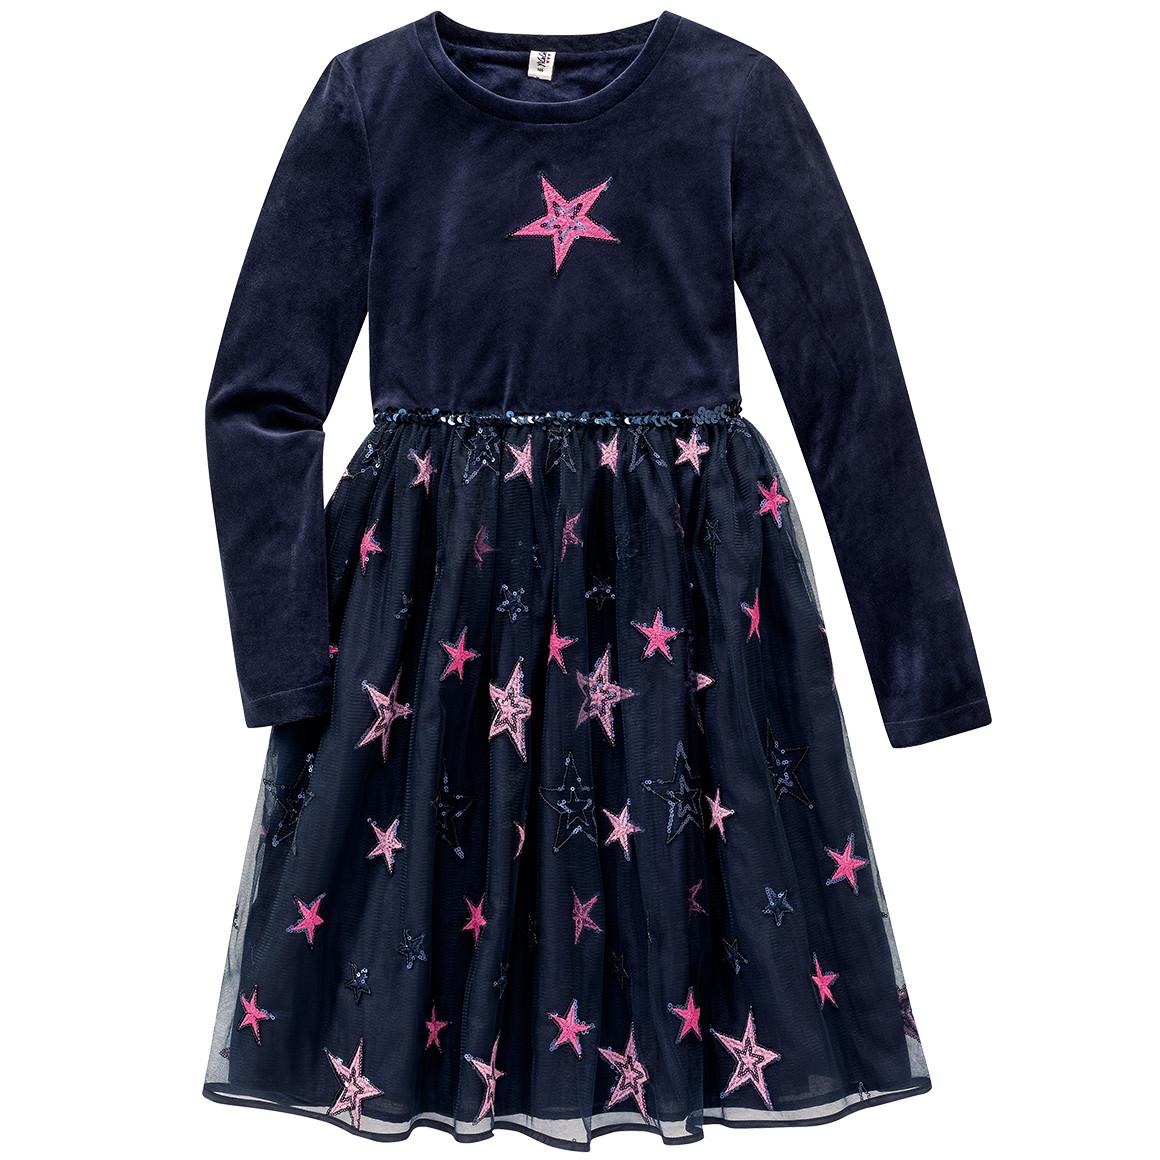 Girlsroeckekleider - Festliches Mädchen Kleid mit Pailletten - Onlineshop Ernstings family